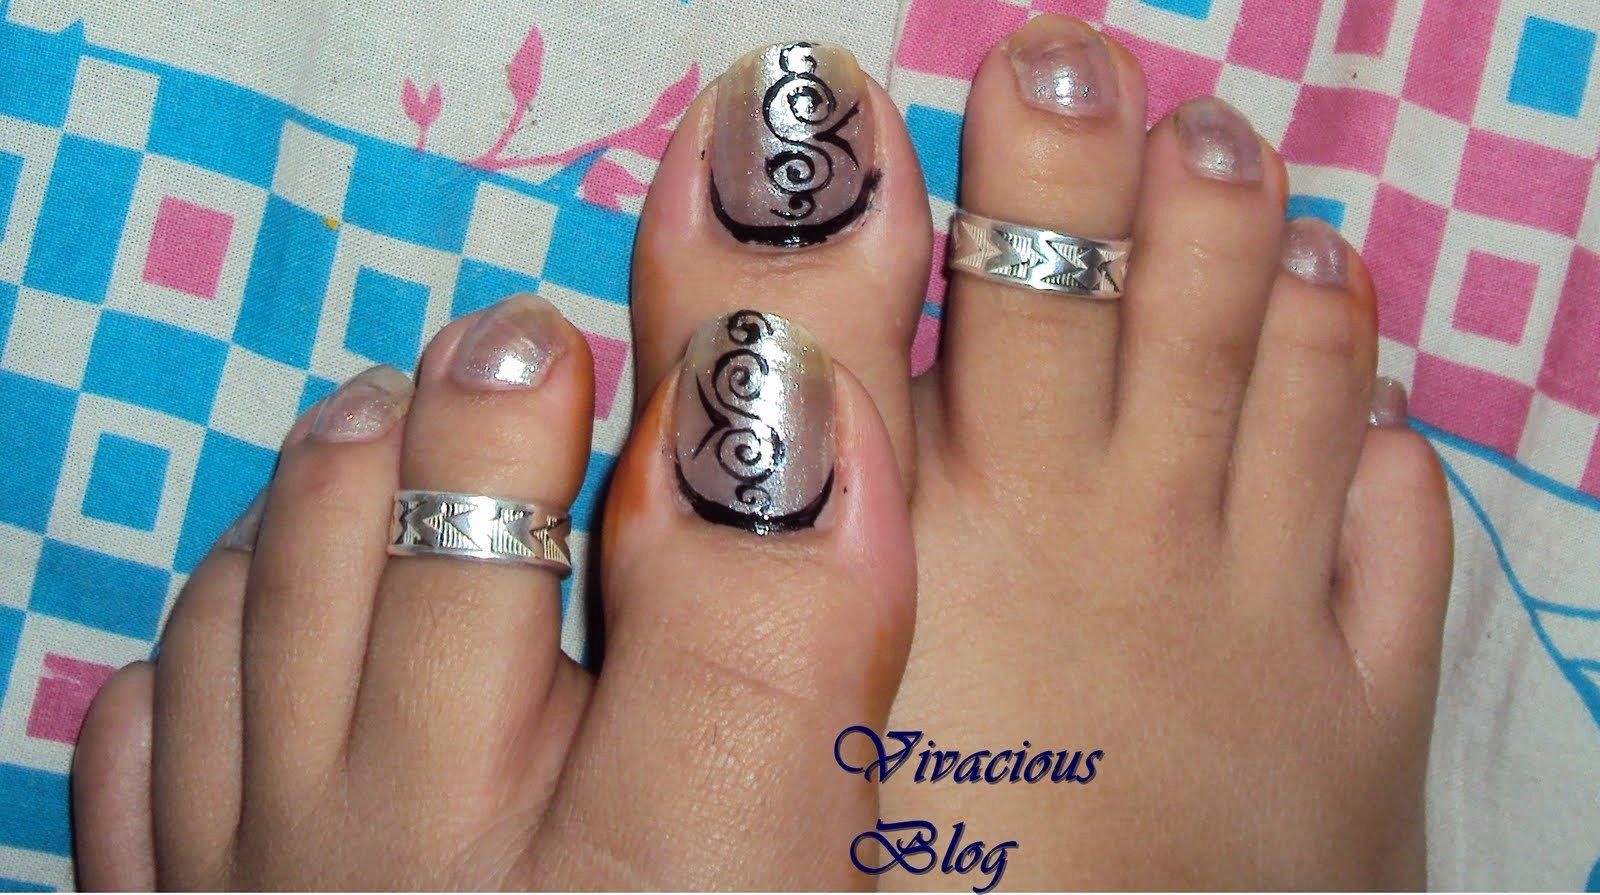 Nail Art Designs for toes Inspirational Vivacious Blog toe Nail Art